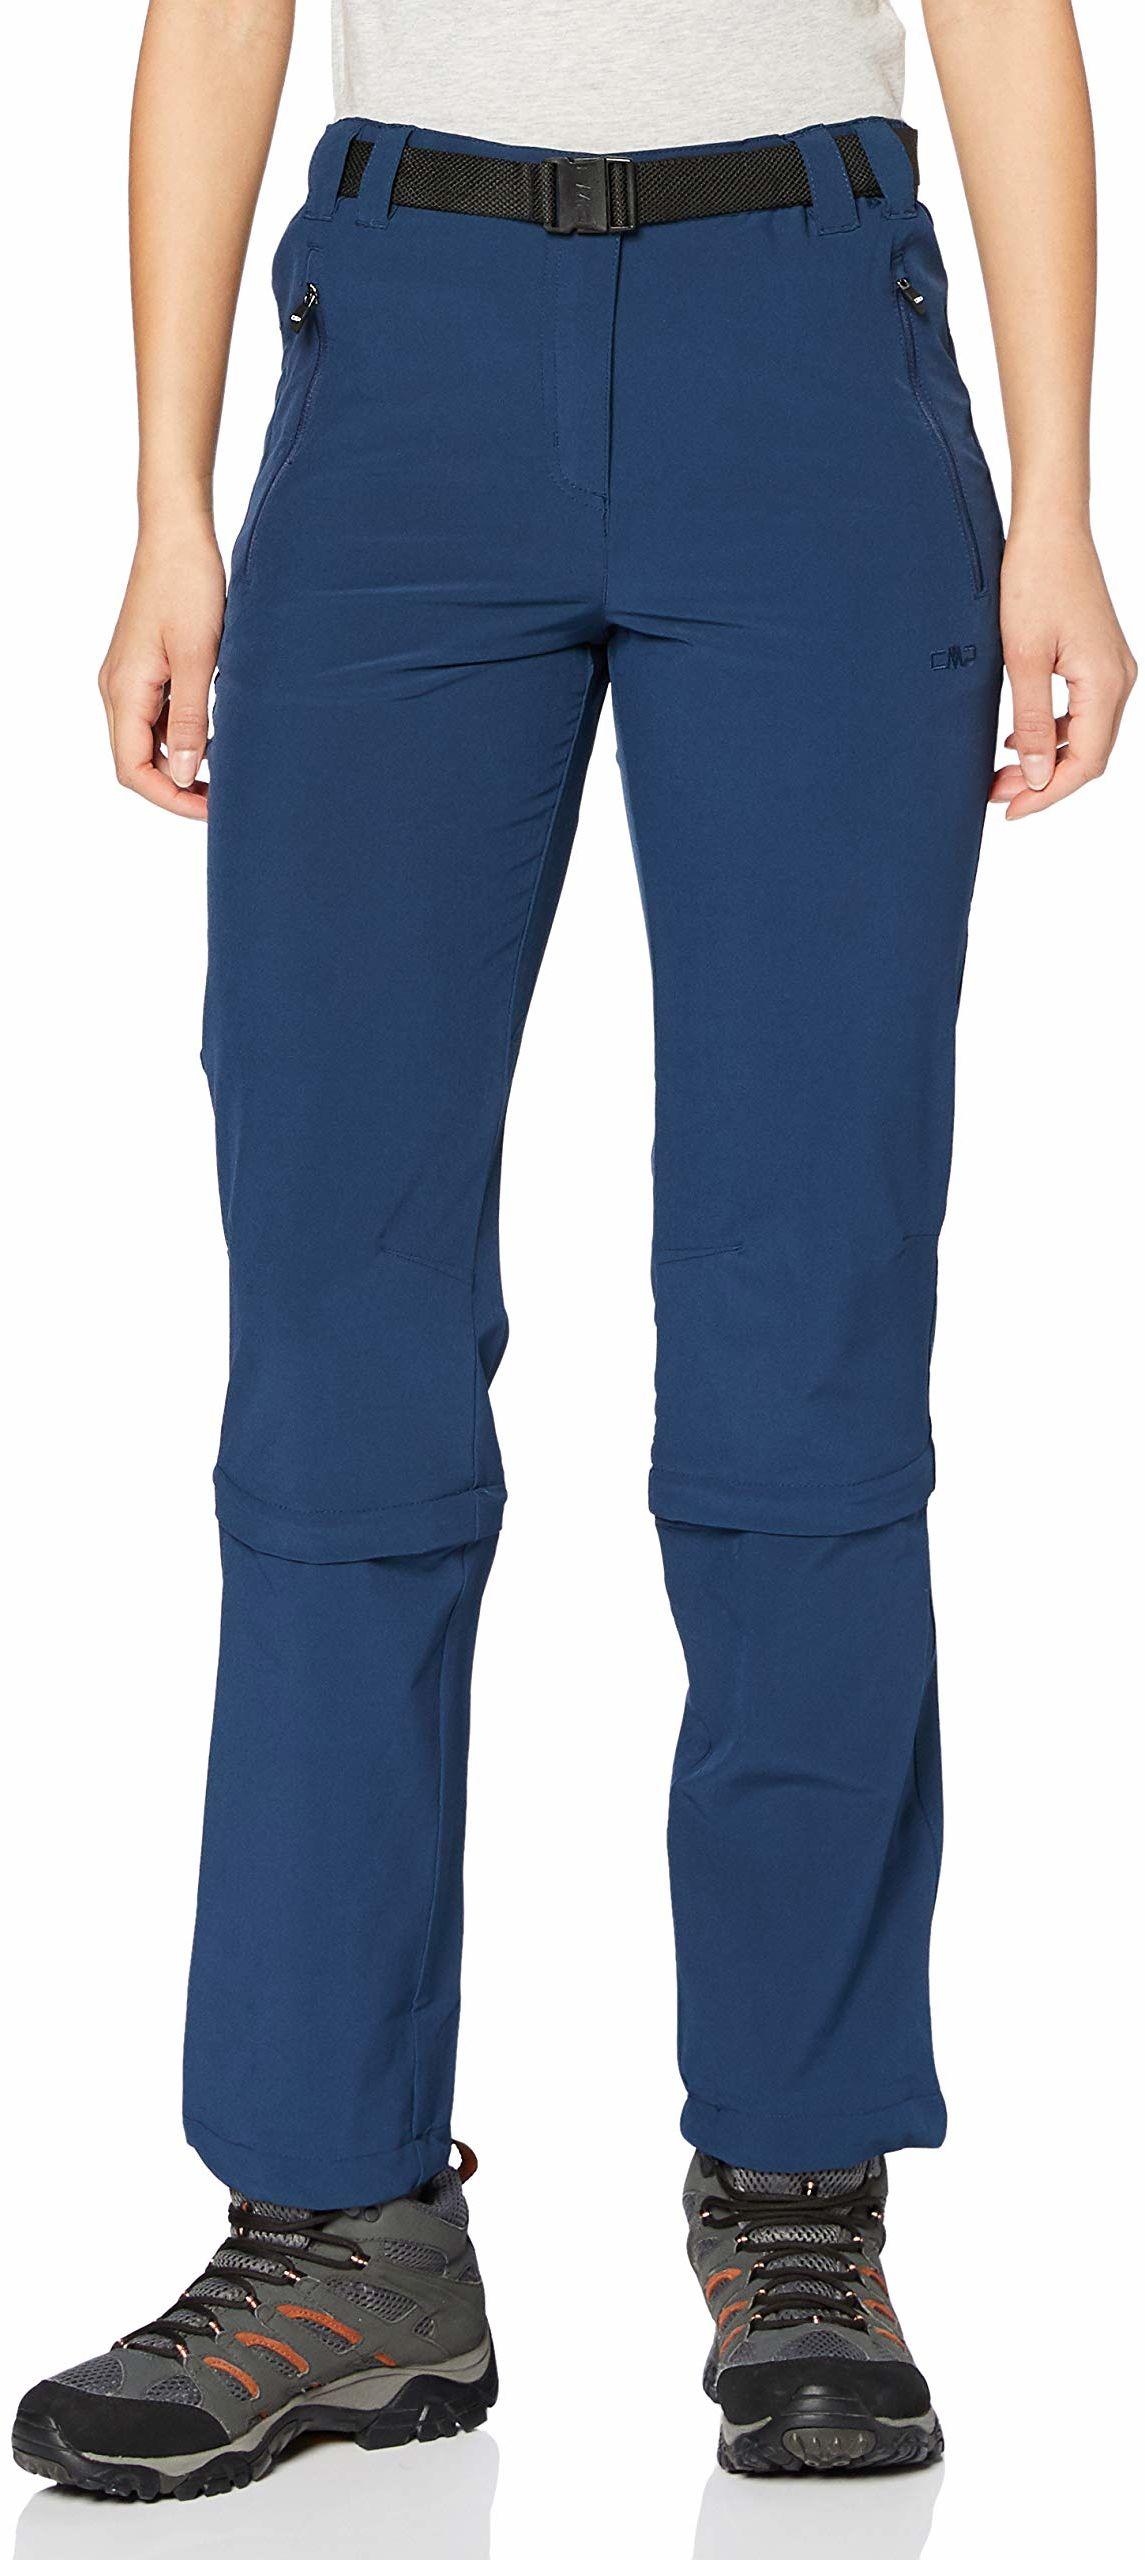 CMP spodnie damskie z odpinanymi nogawkami, 3t51346 niebieski niebieski D44